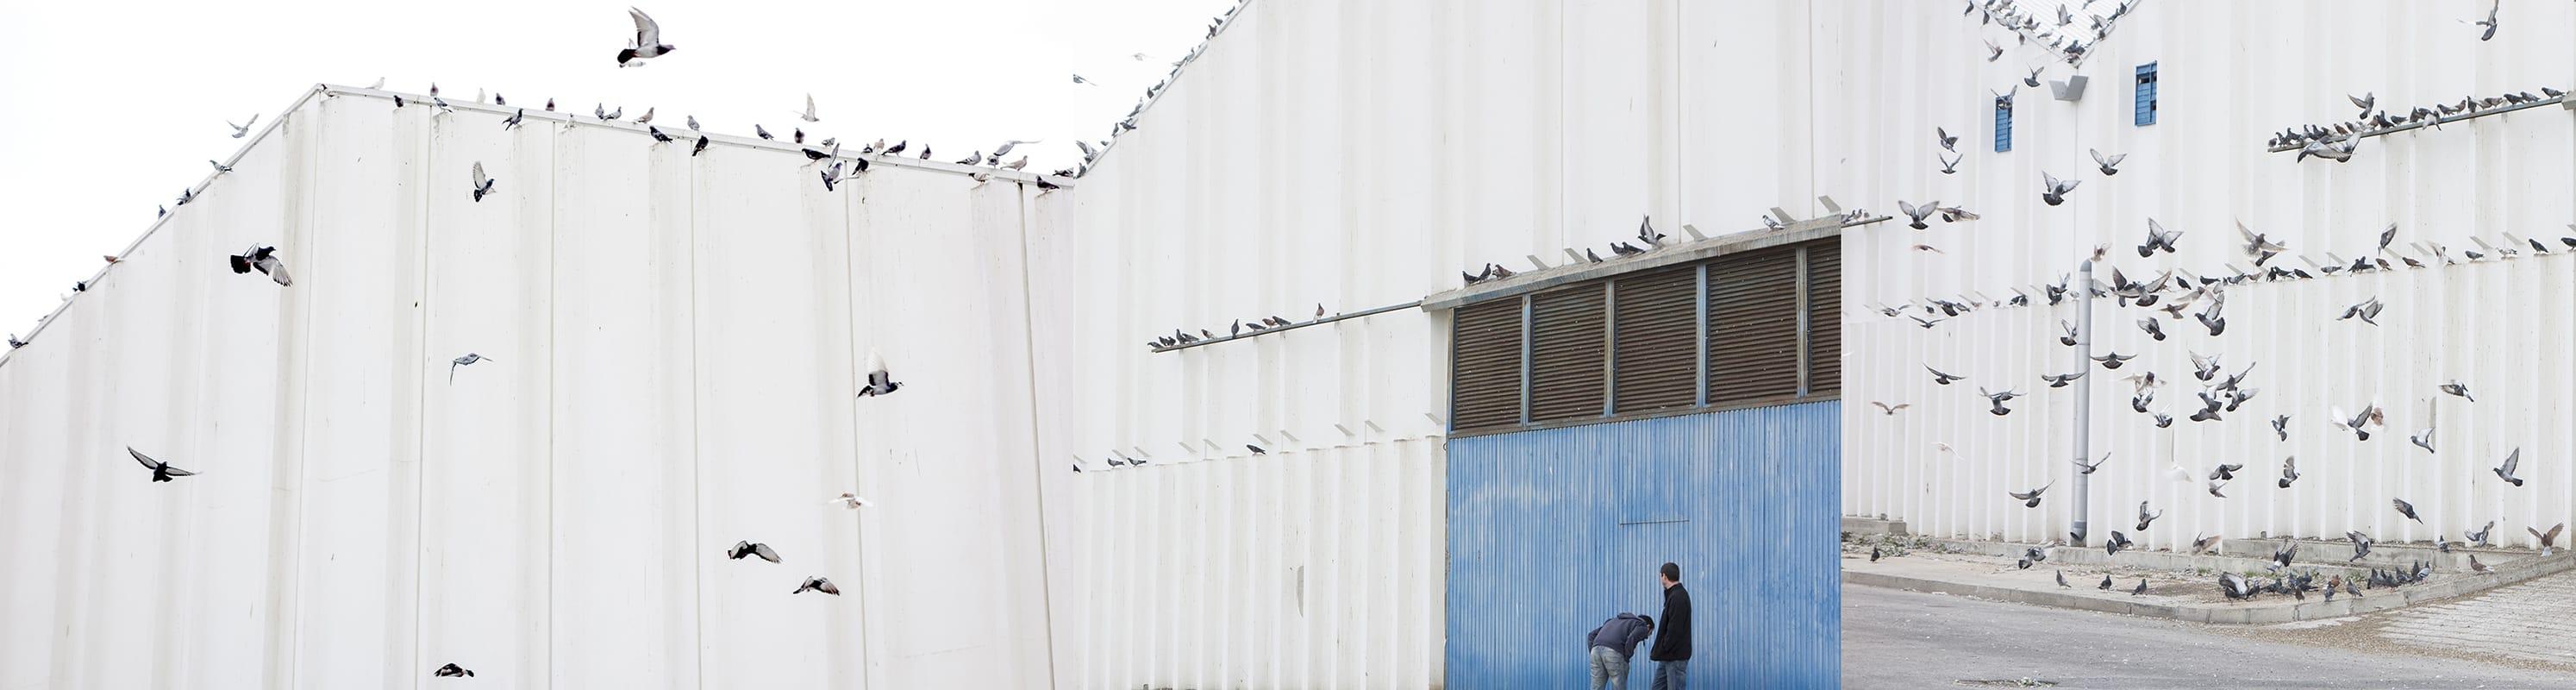 Hangar y palomas 2014